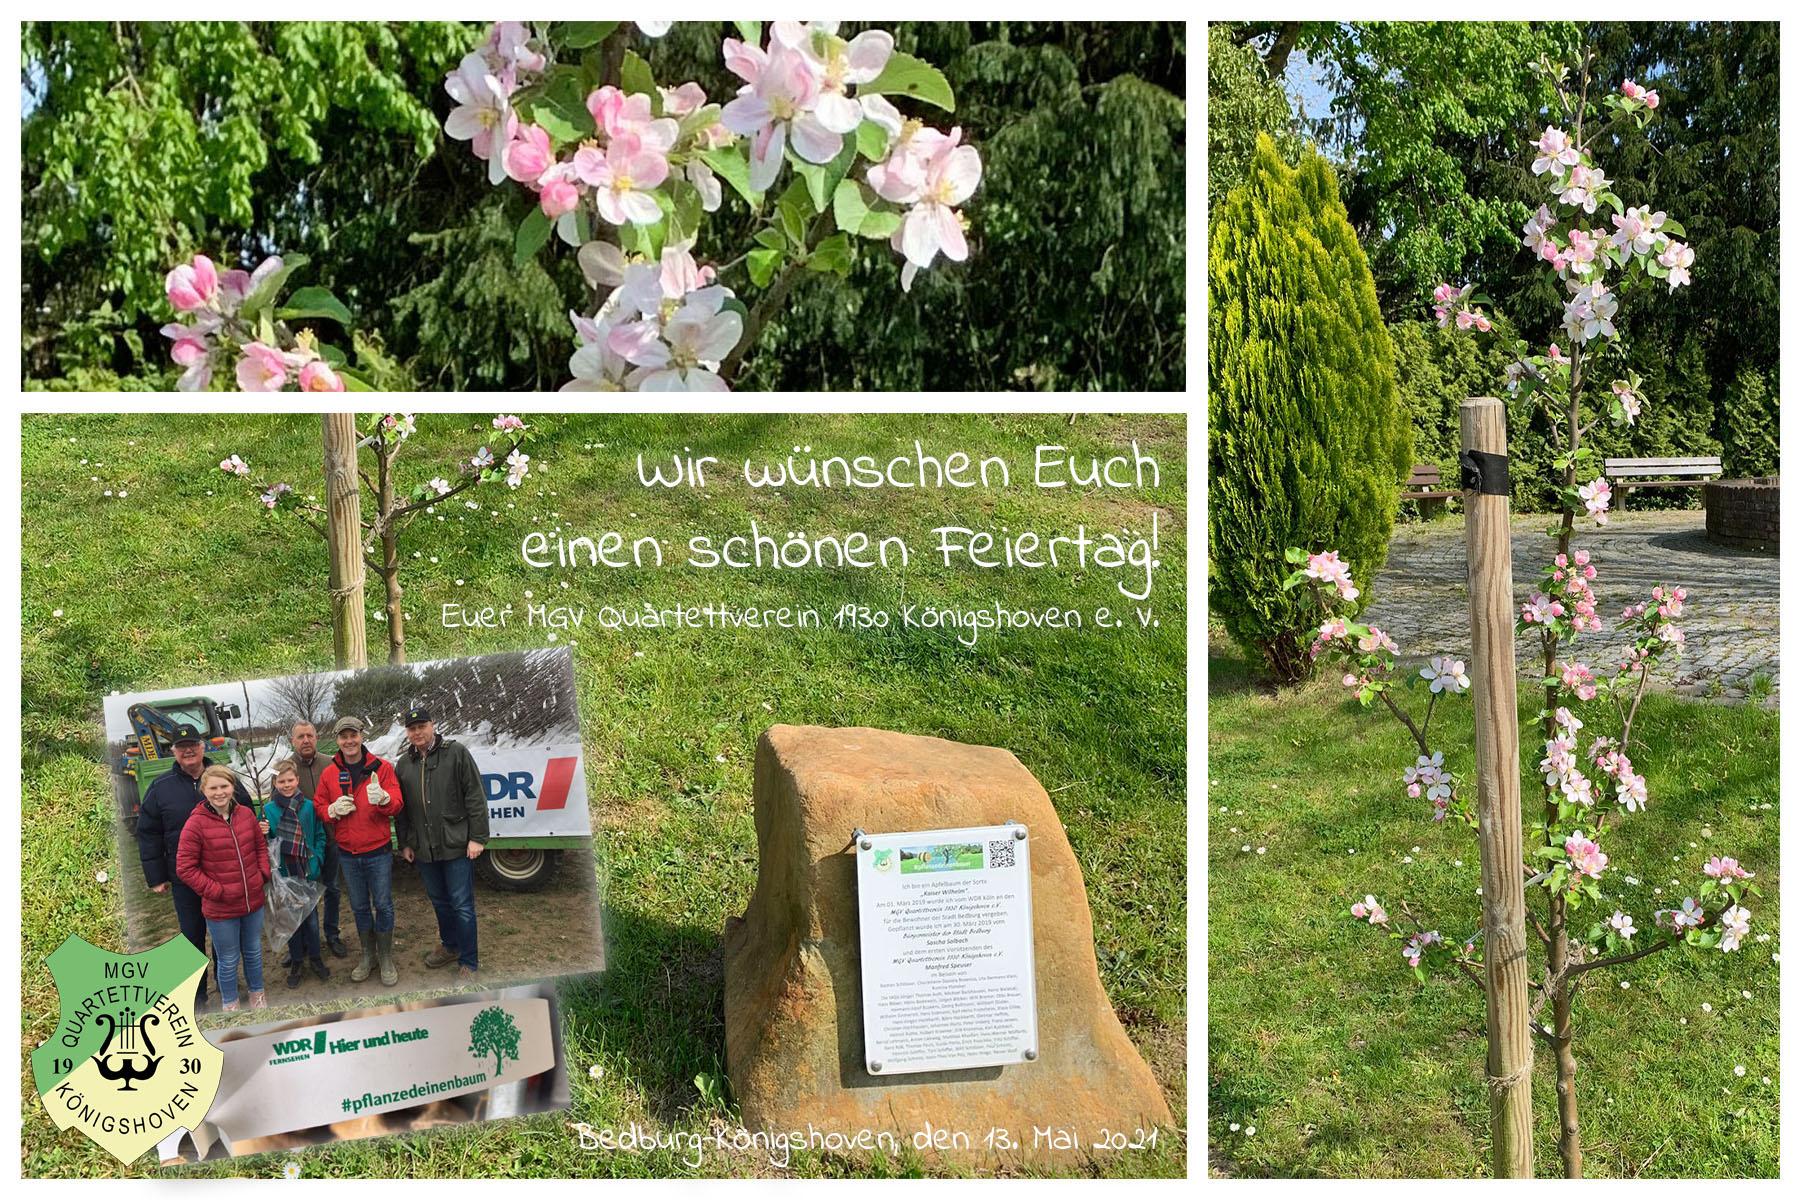 Mit der Blütenpracht unseres WDR-Apfelbaums wünschen wir Ihnen / Euch einen schönen Feiertag und erinnern uns immer wieder gerne an die WDR hier und heute Aktion #pflanzedeinenbaum im Jahr 2019 zurück. (Fotos: Manfred Speuser)